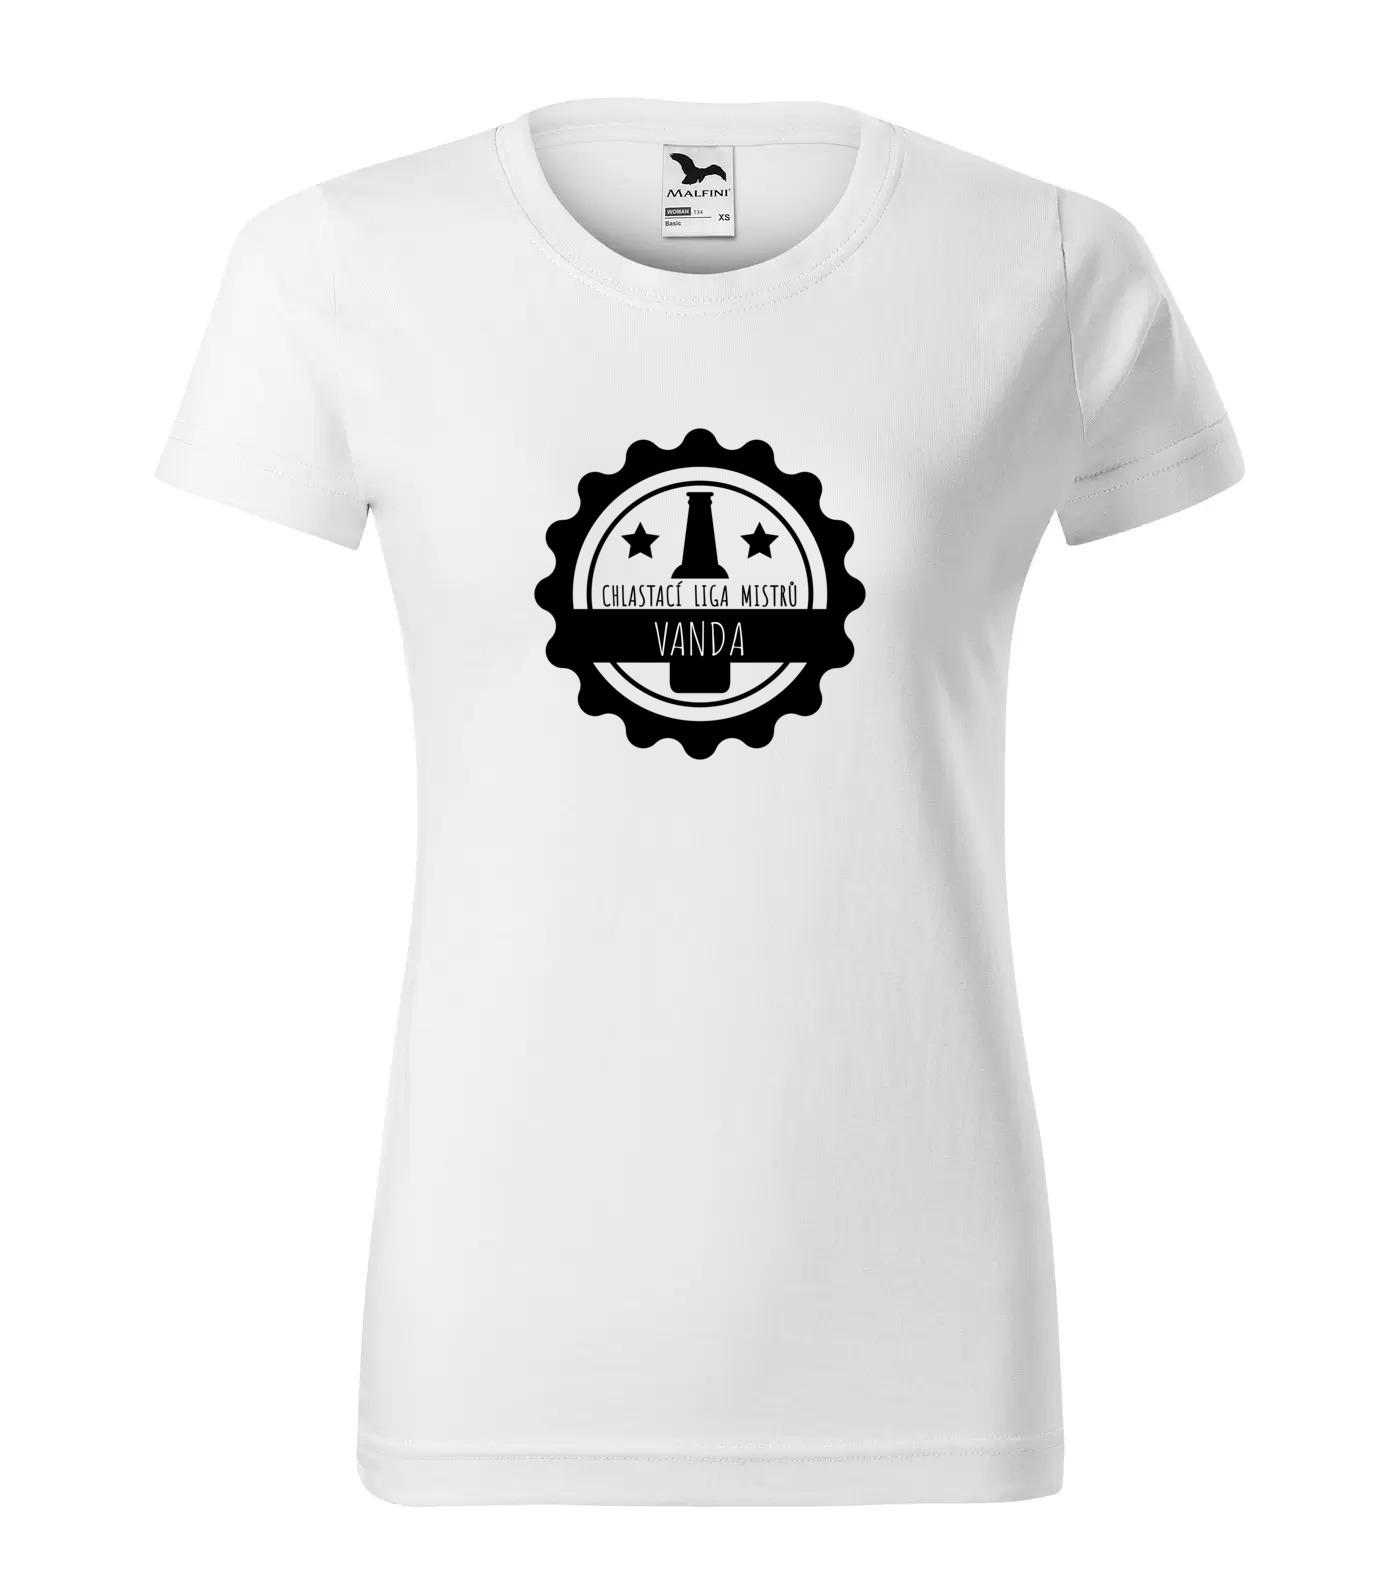 Tričko Chlastací liga žen Vanda